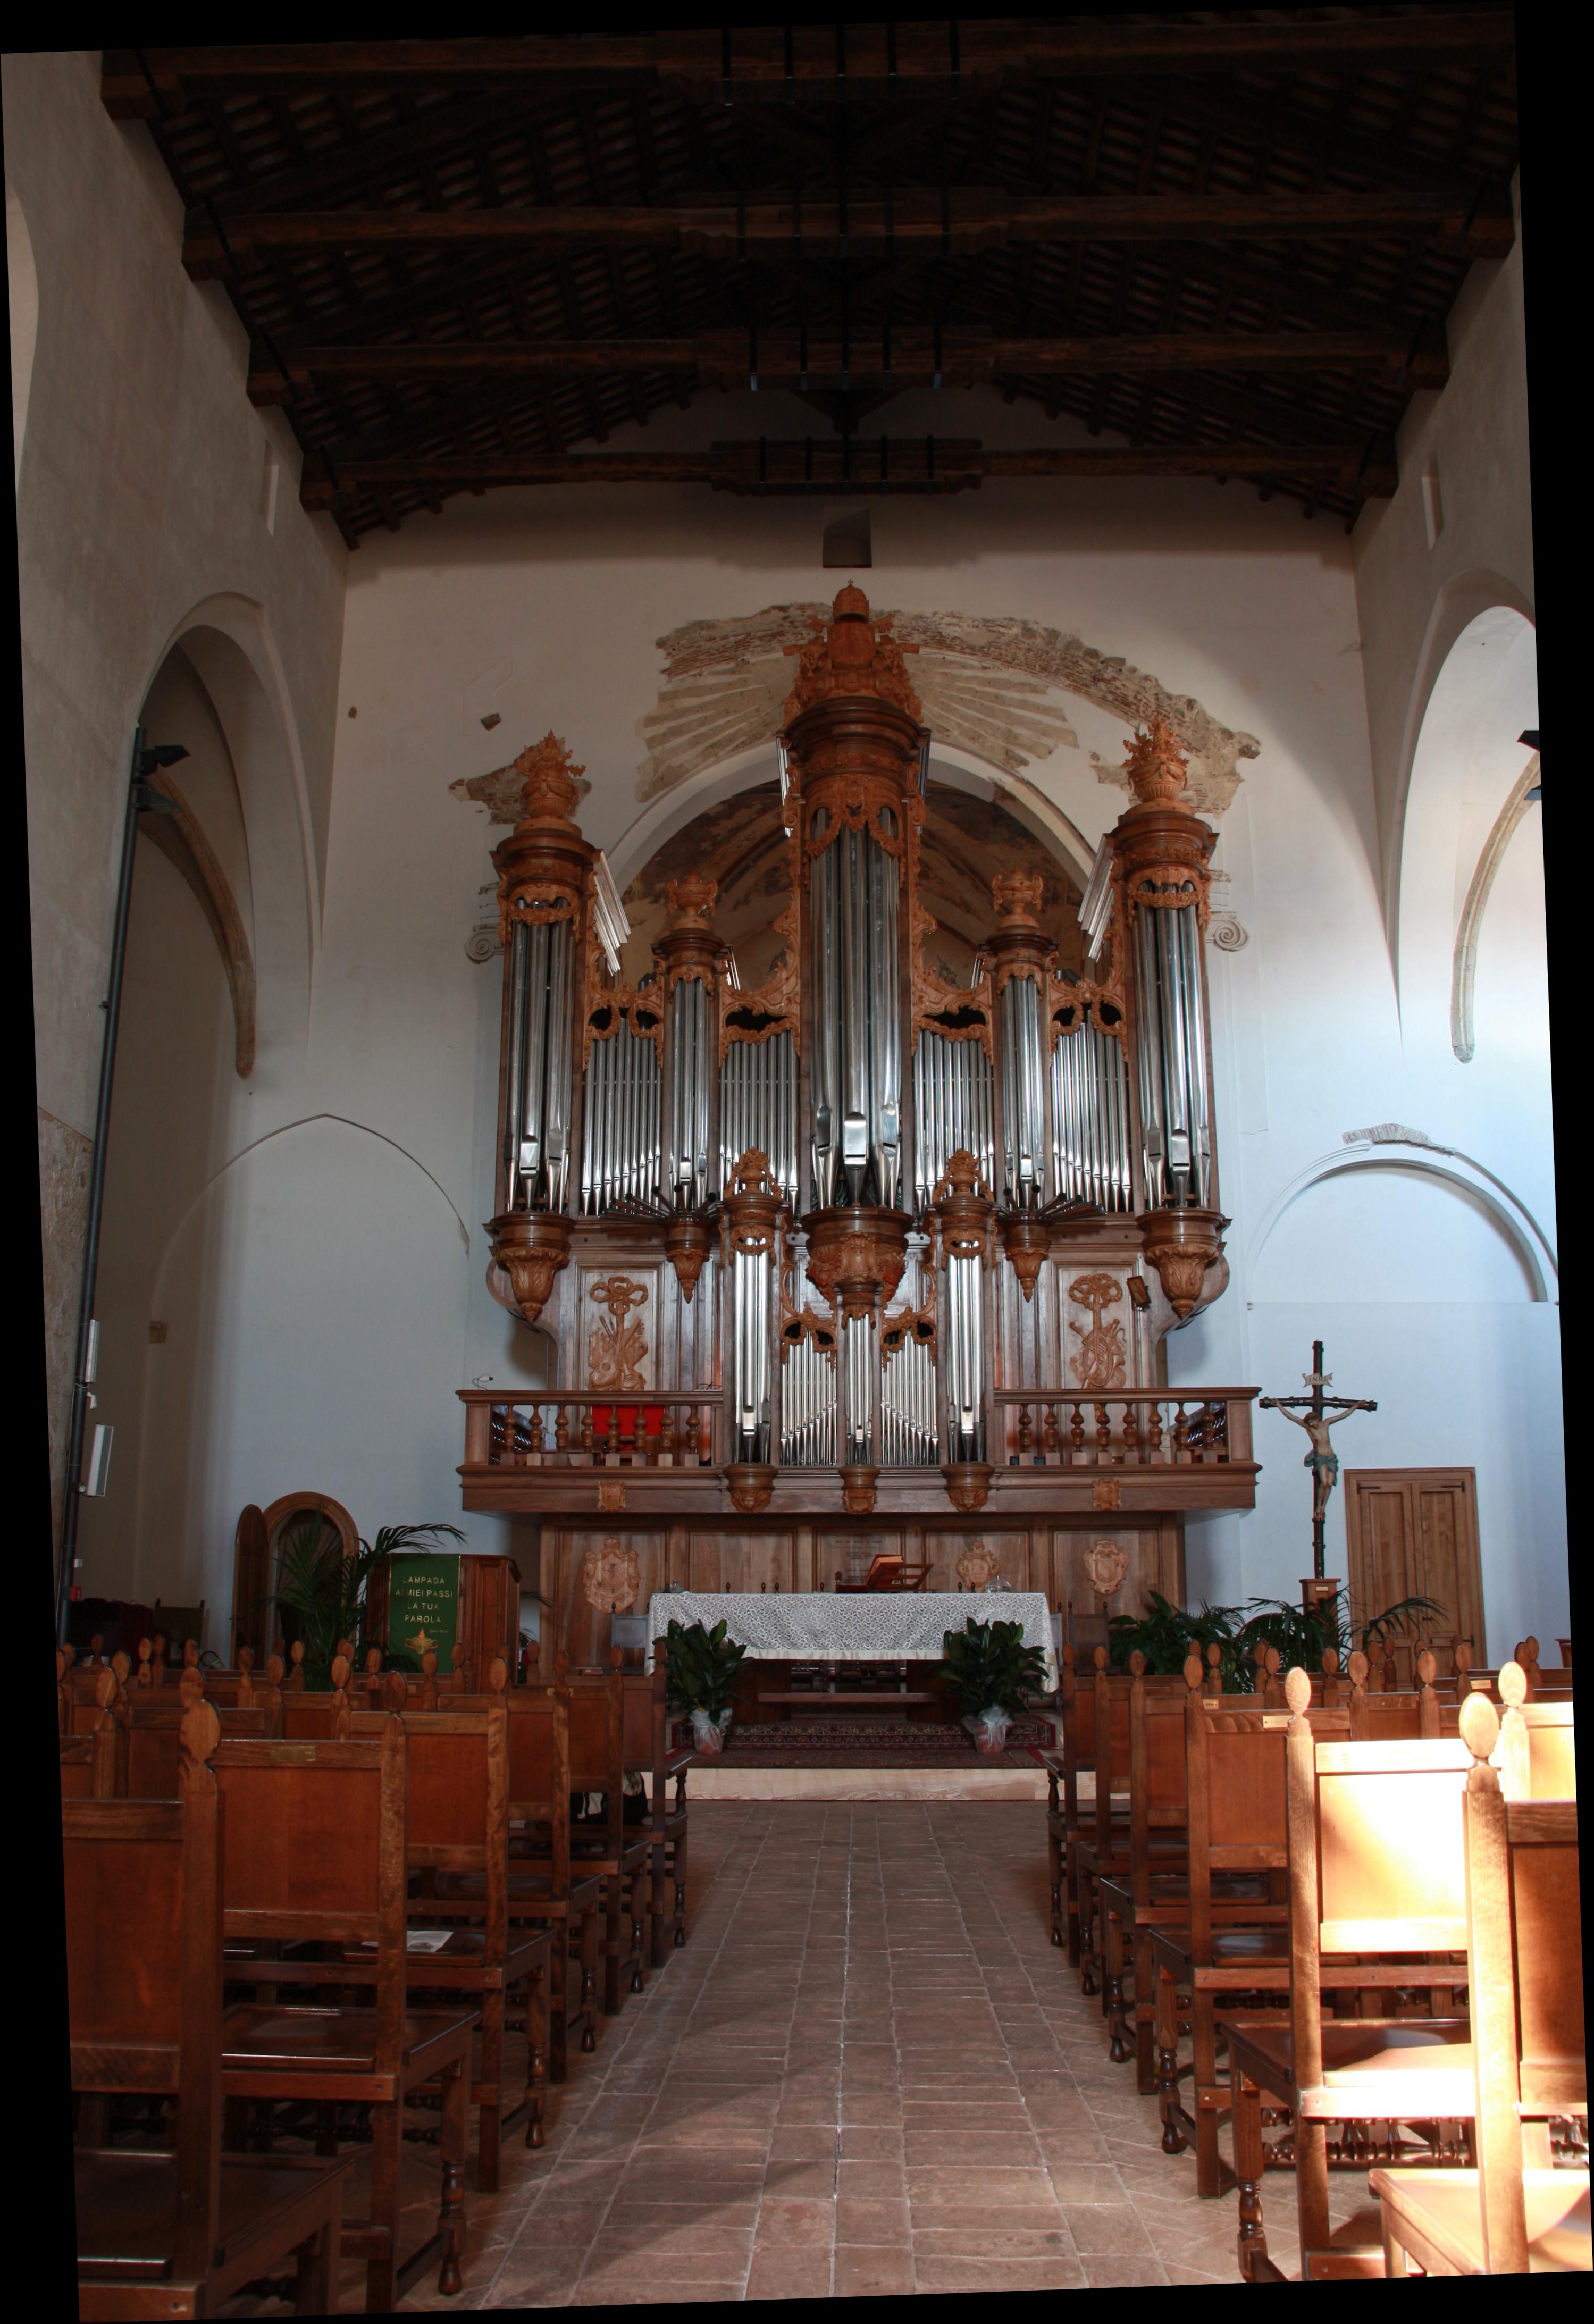 Sonus Paradisi Dom Bdos Organ Model France Organs